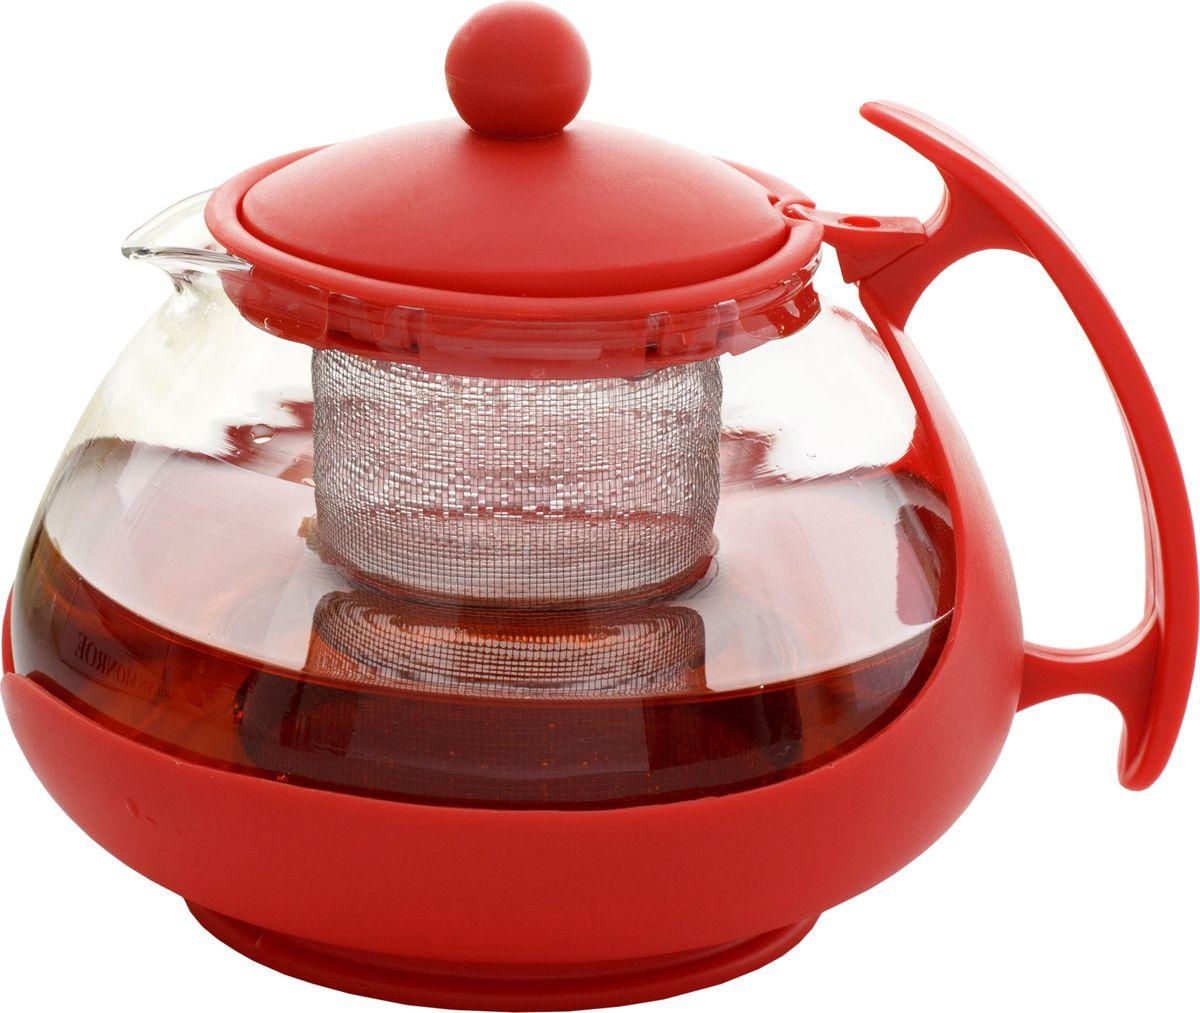 Чайник заварочный Irit, цвет: красный, 0,75 лKTZ-075-005Чайник заварочный 0.75 л, изготовлен из жаропрочного стекла. Фильтр из высококачественной нержавеющей стали. Оправа из прочного ненагревающегося пластика защищает колбу от толчков и ударов.Цвет: Красный